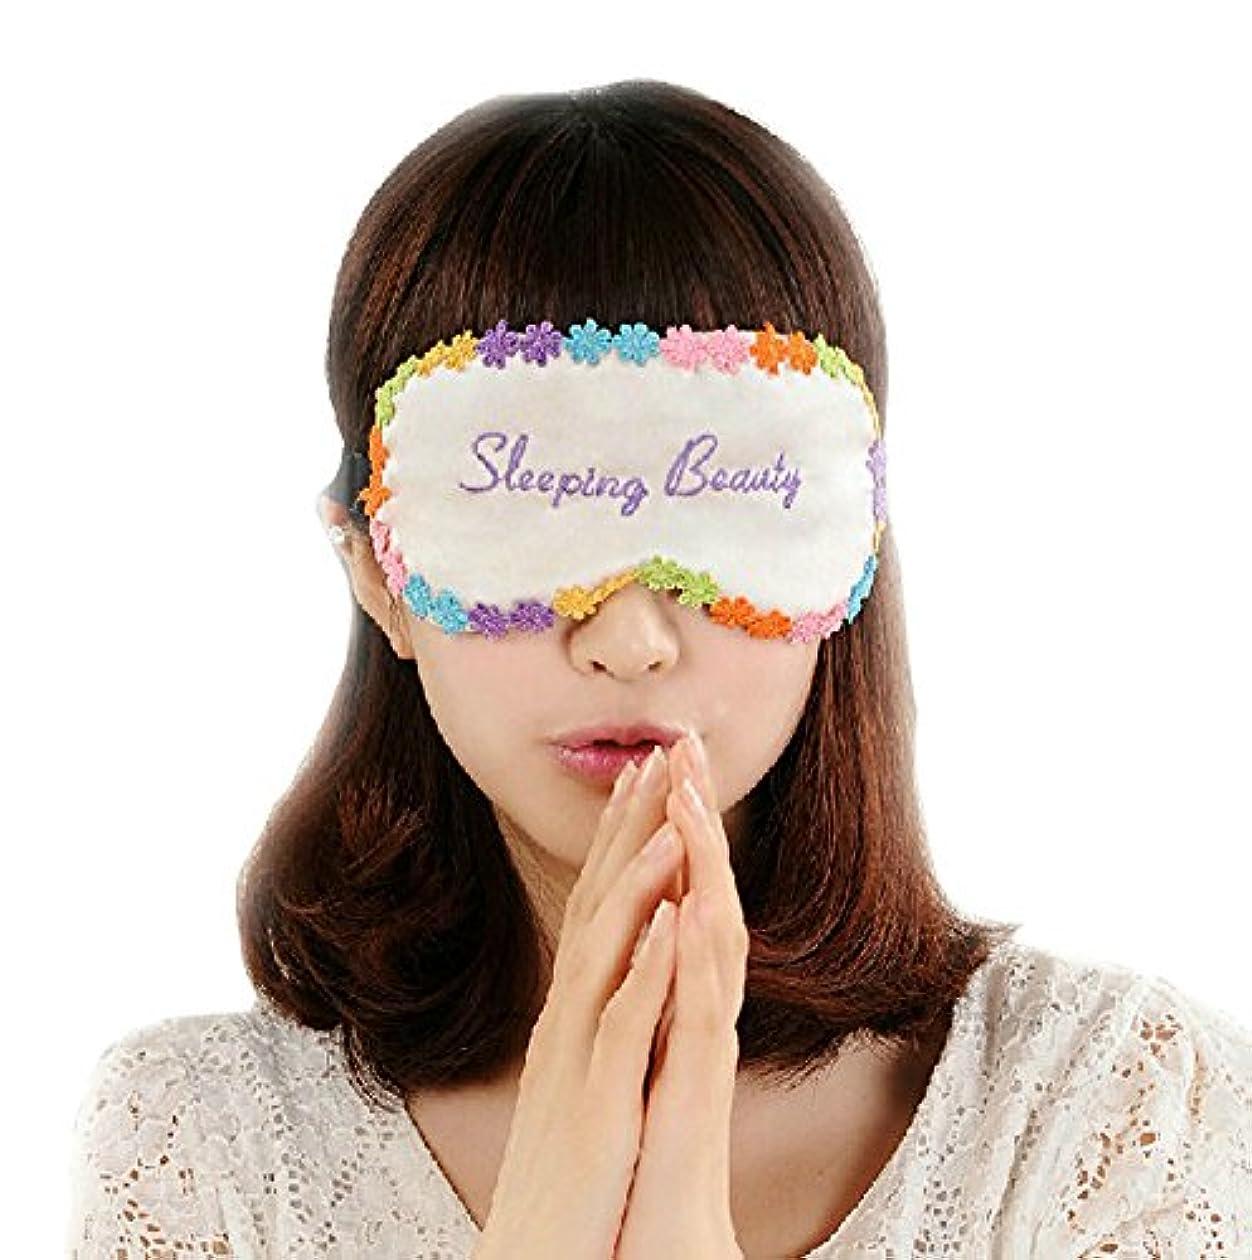 眉確立しますアサーダブルサイドシルクアイシェッド睡眠アイマスク美しいソフトアイマスク